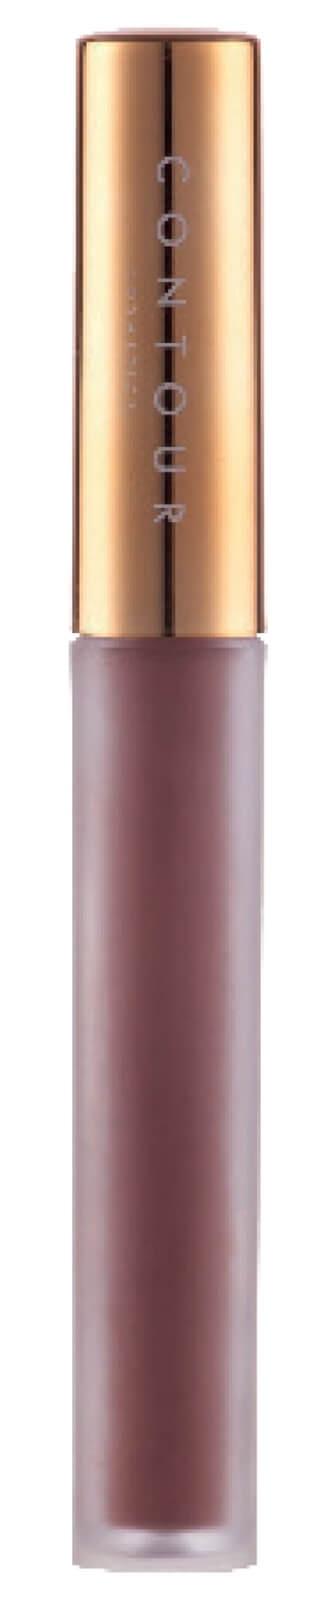 Contour Liquid Lipstick